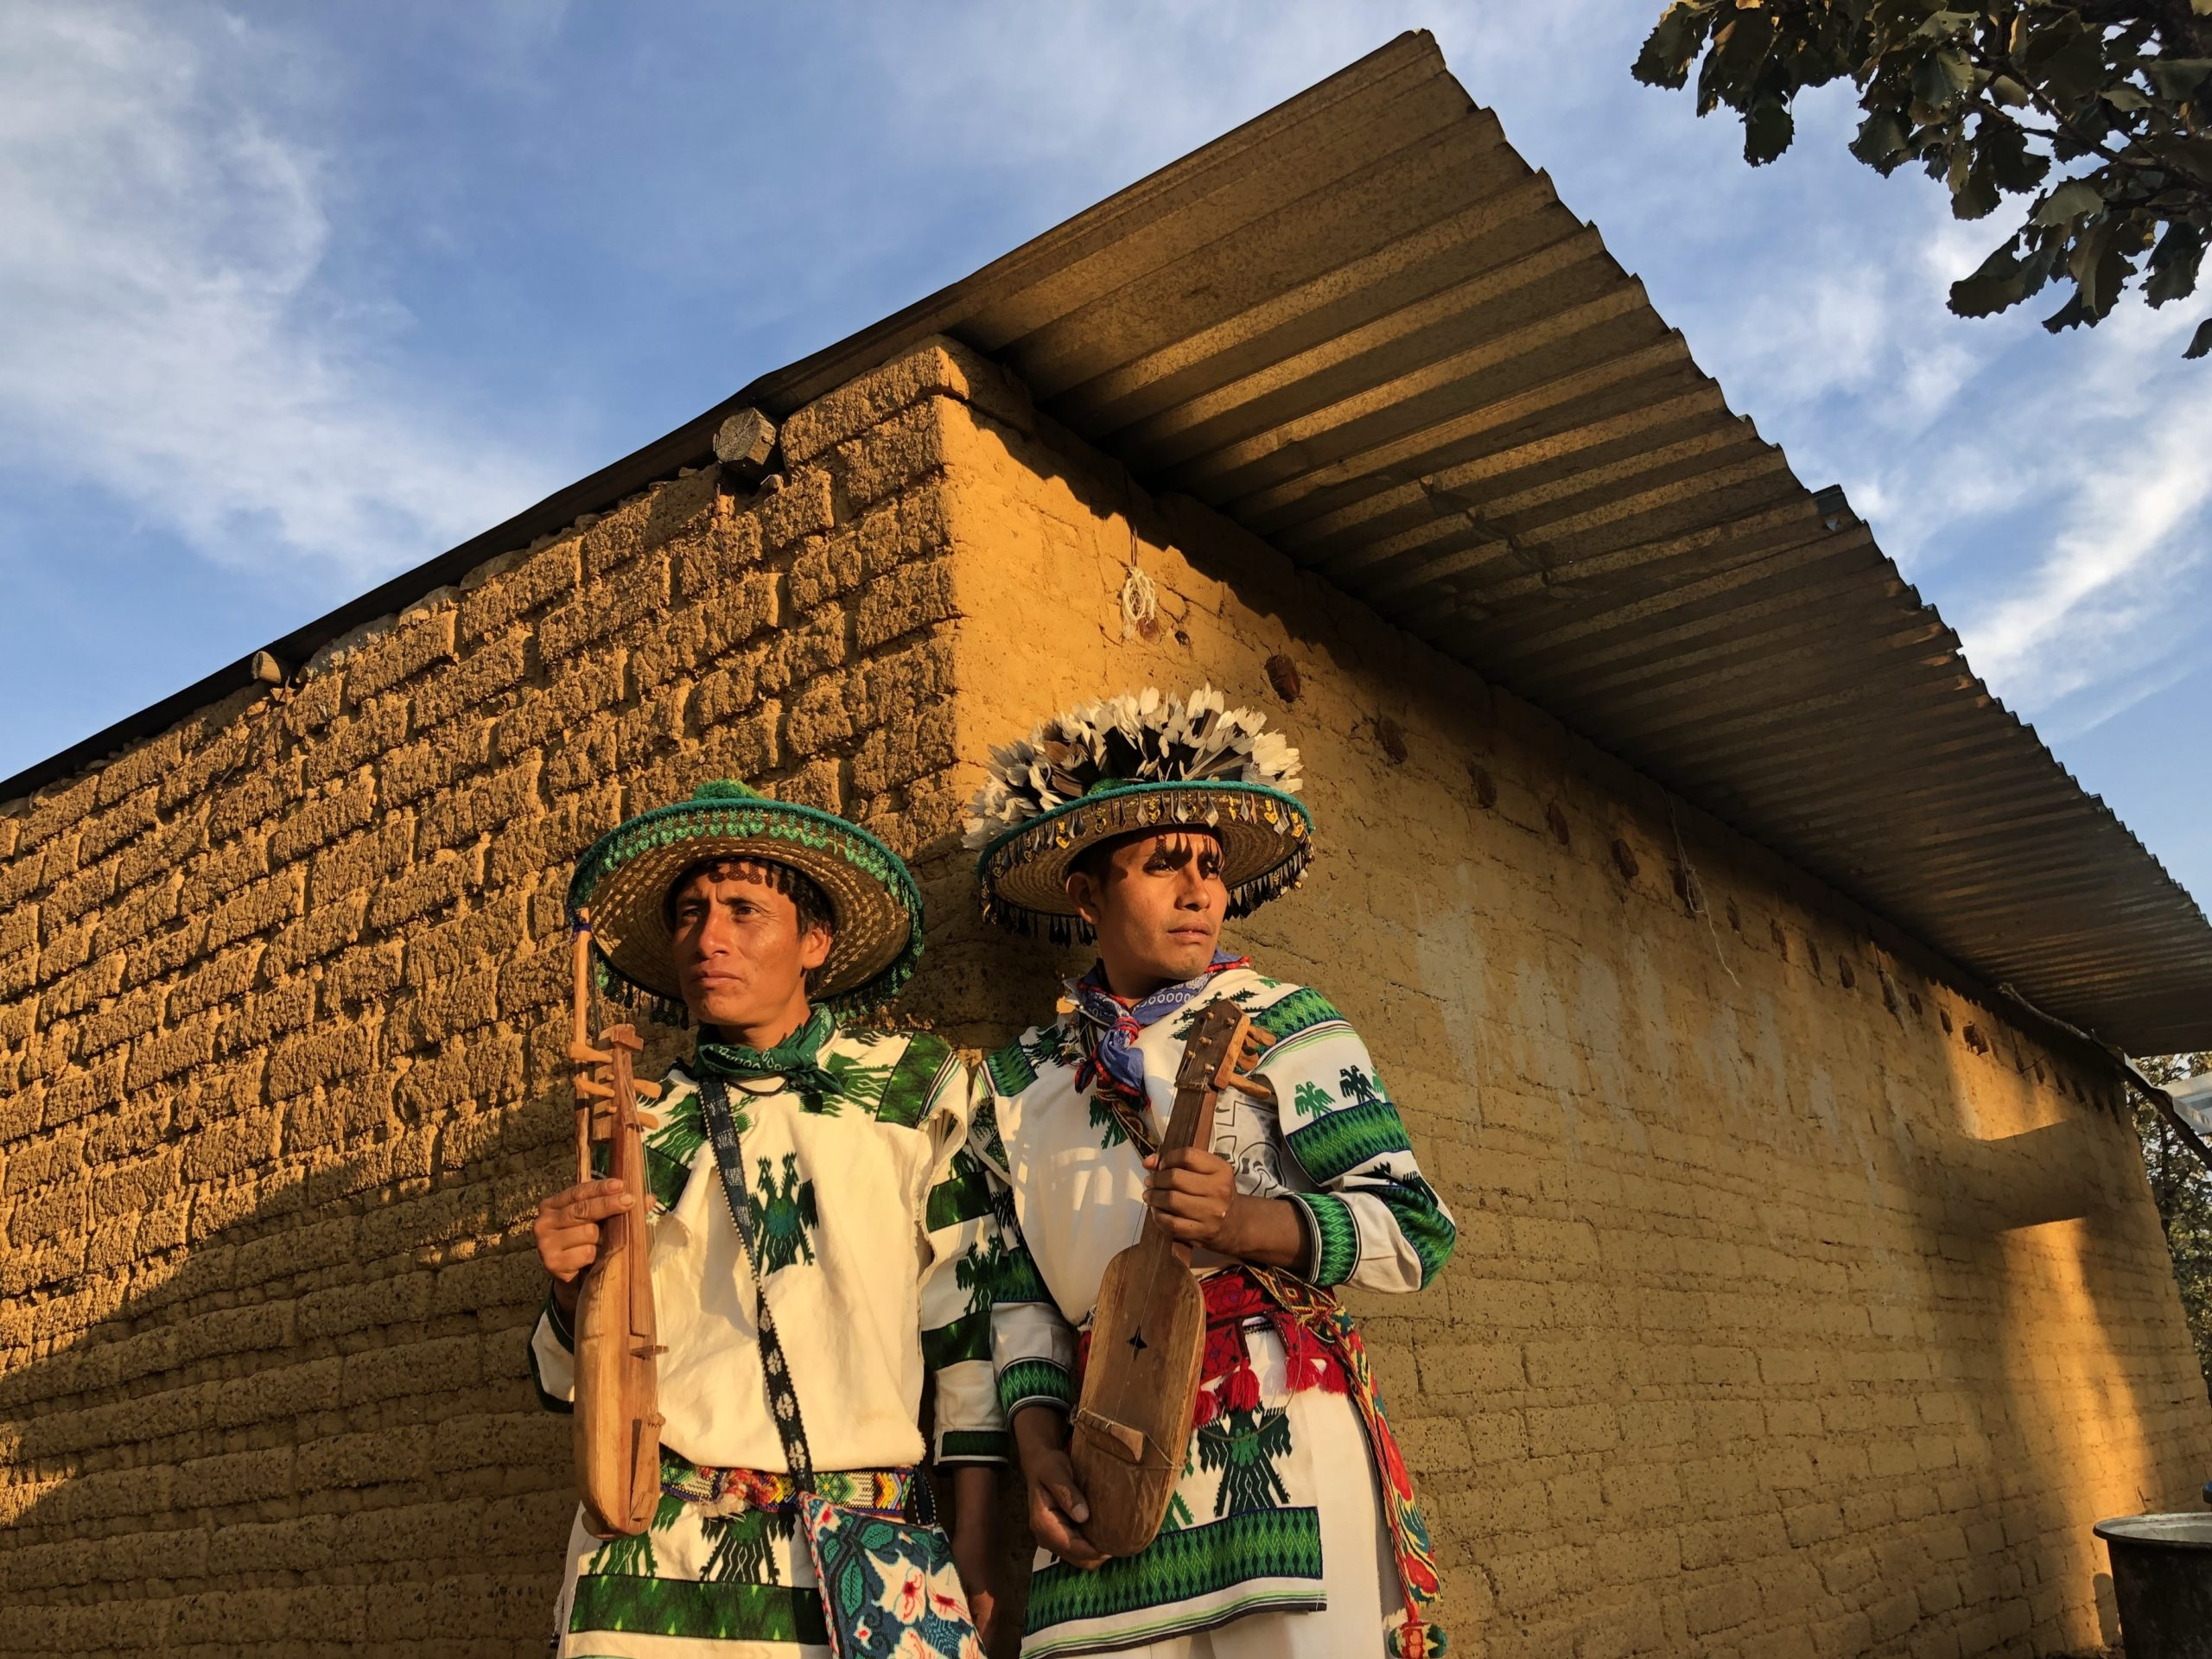 ERENO: accesorios hechos a mano que apoyan y promueven a la comunidad Wixárika